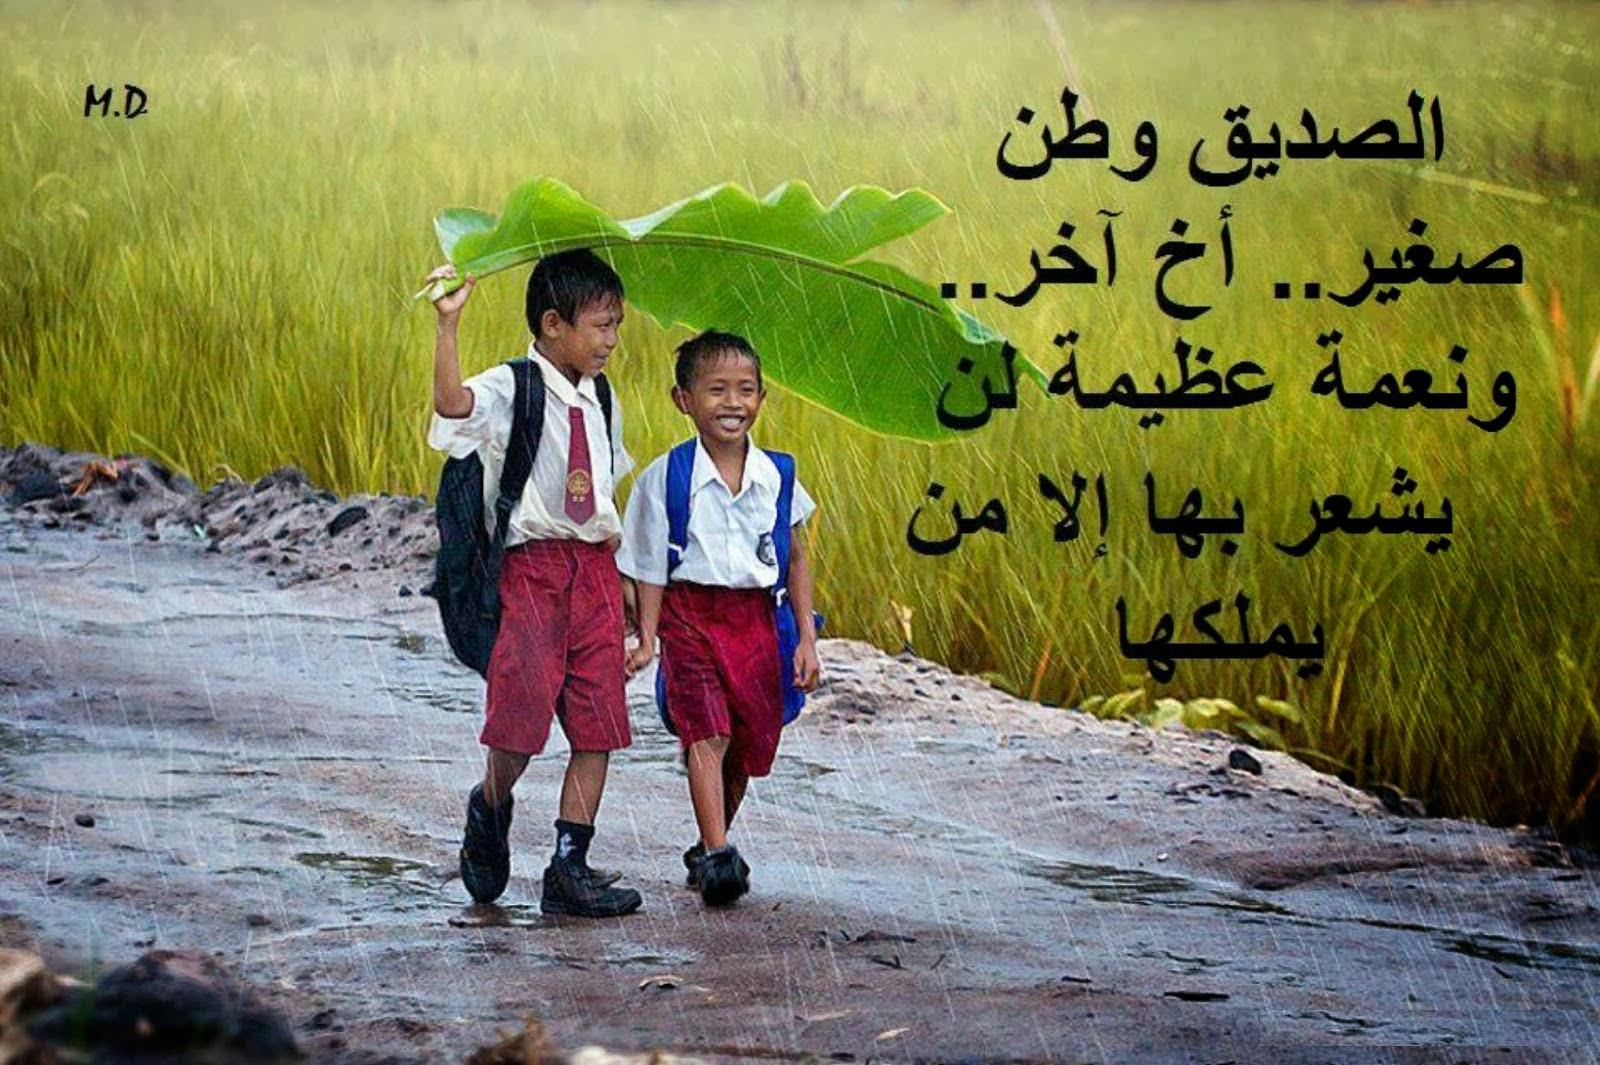 http://vb.shbab5.com/shbbab/1397580082_738.jpg